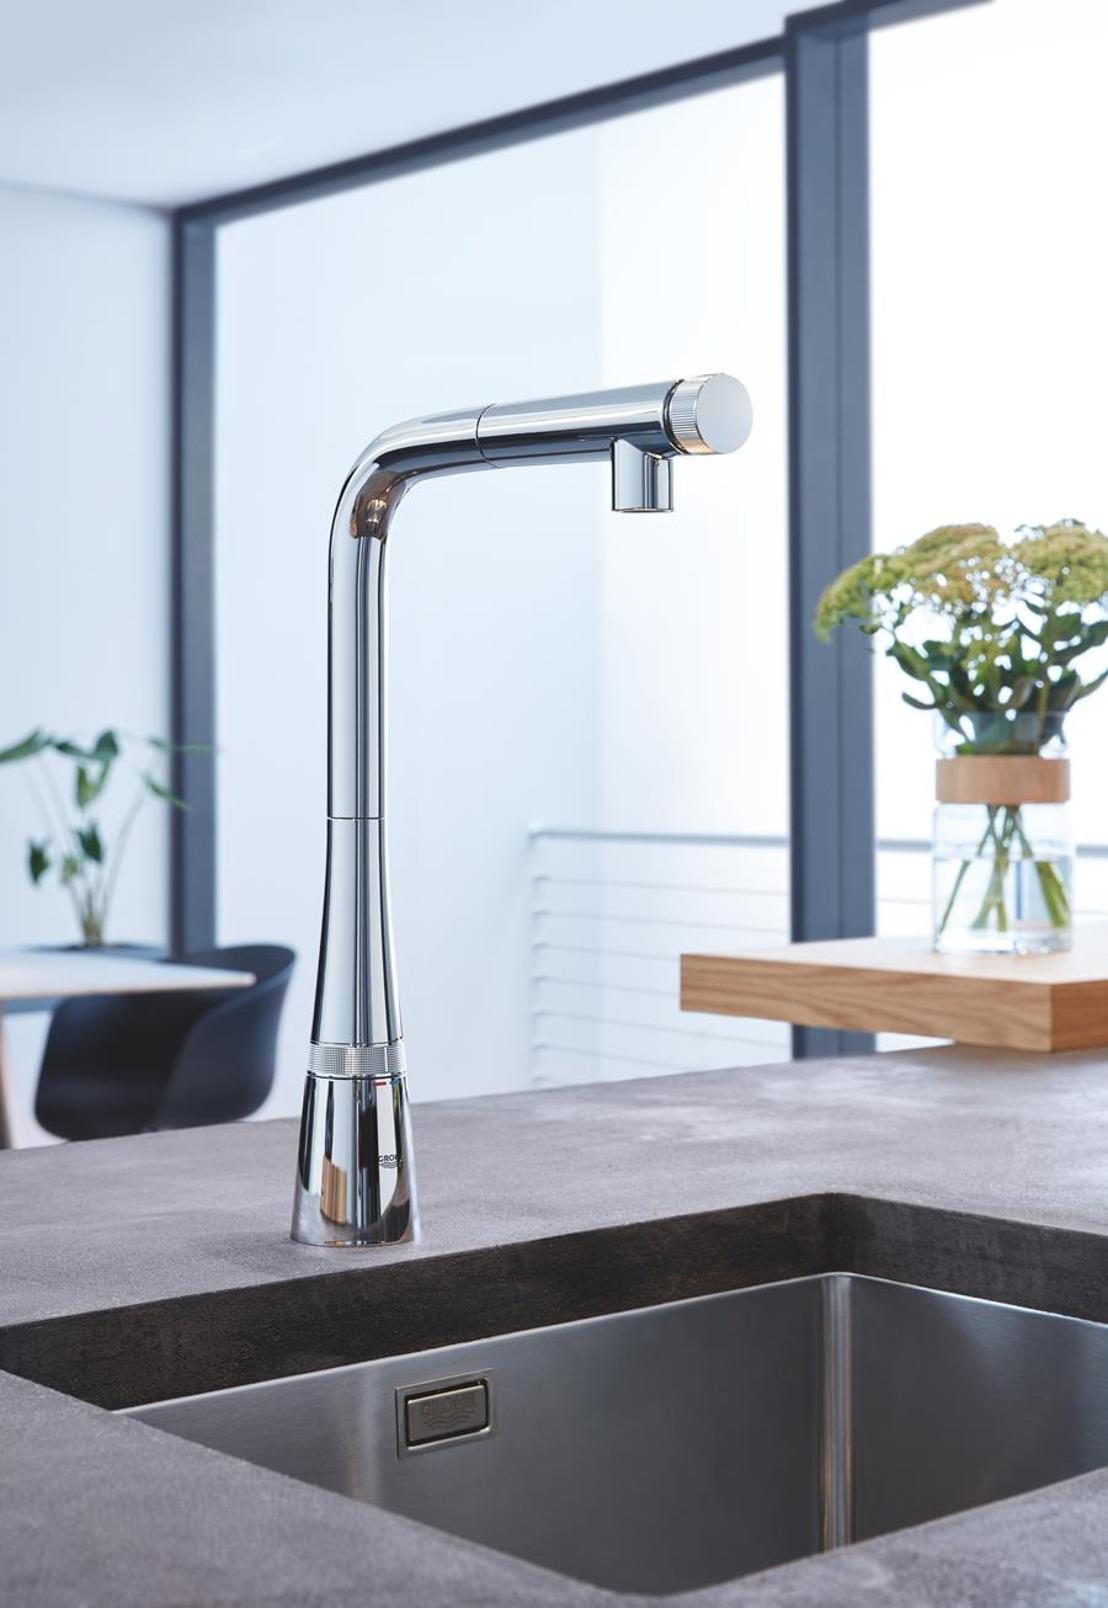 Les nouvelles exigences sanitaires mettent un coup de projecteur sur des concepts innovants de salle de bain et de cuisine